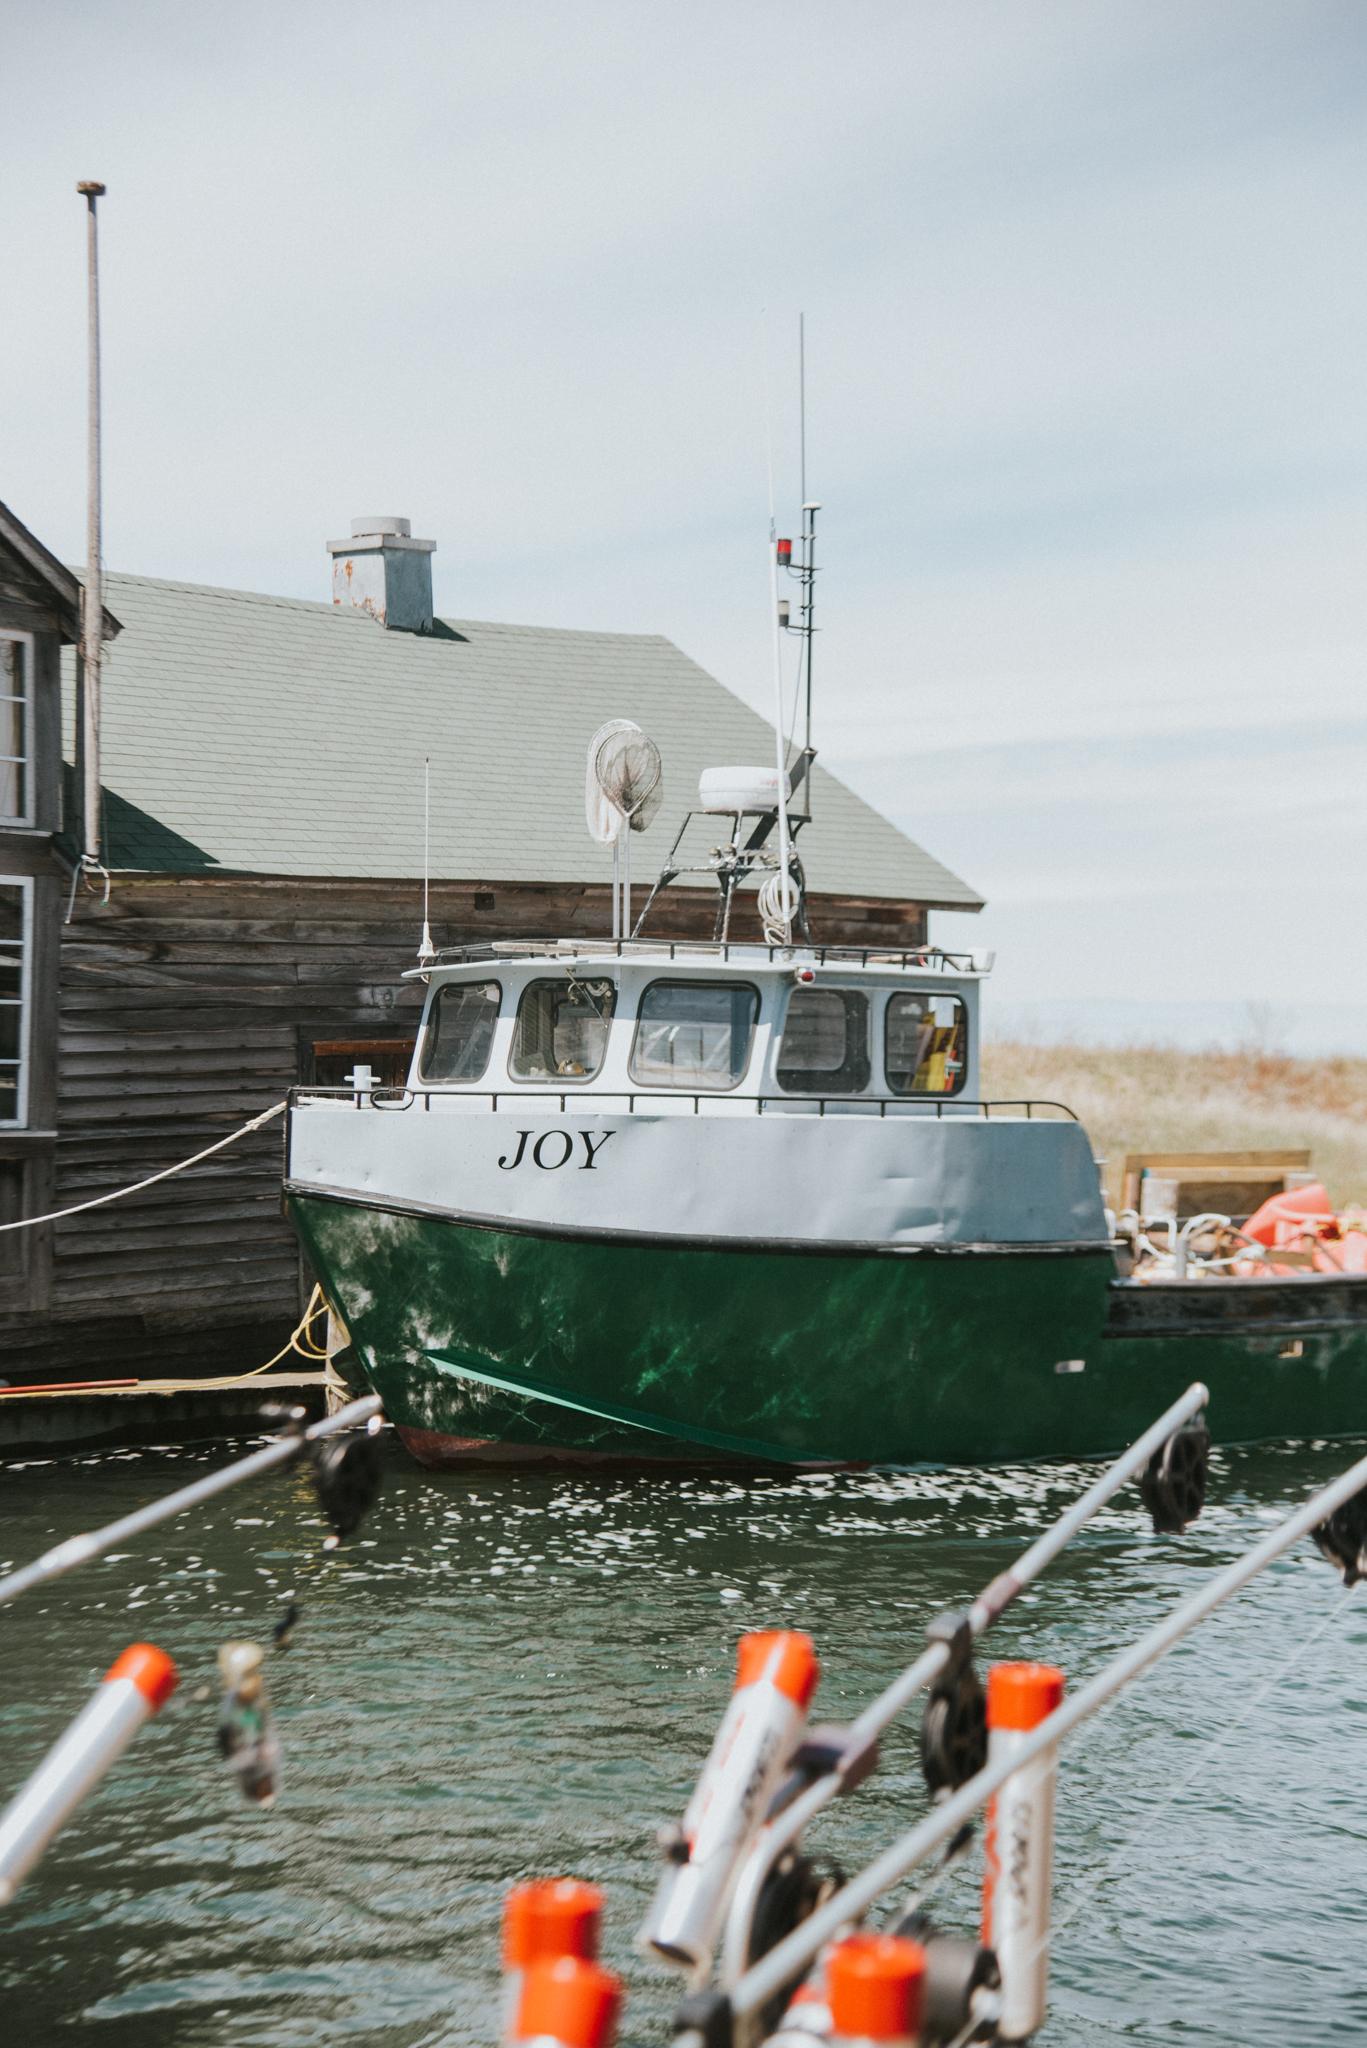 joy fishtown leland